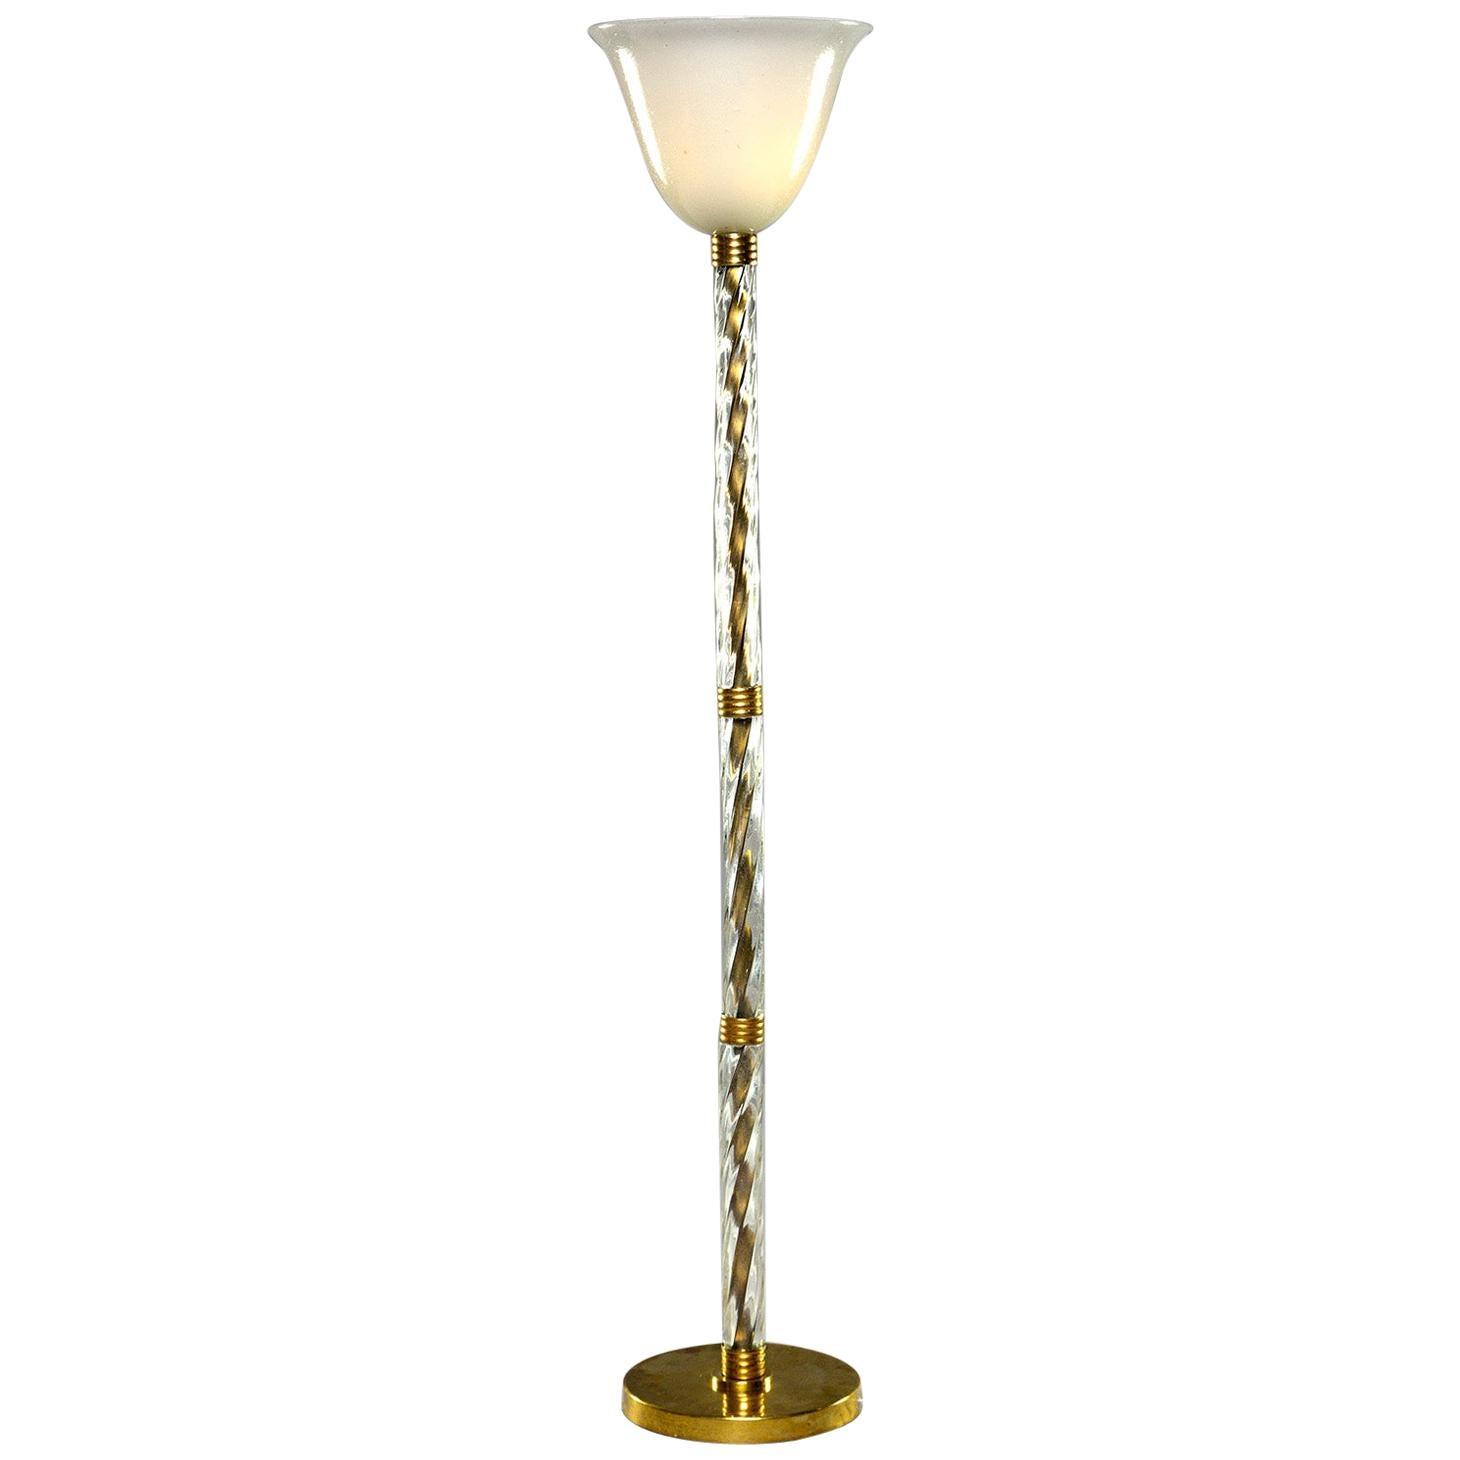 Murano Glass and Brass Floor Lamp